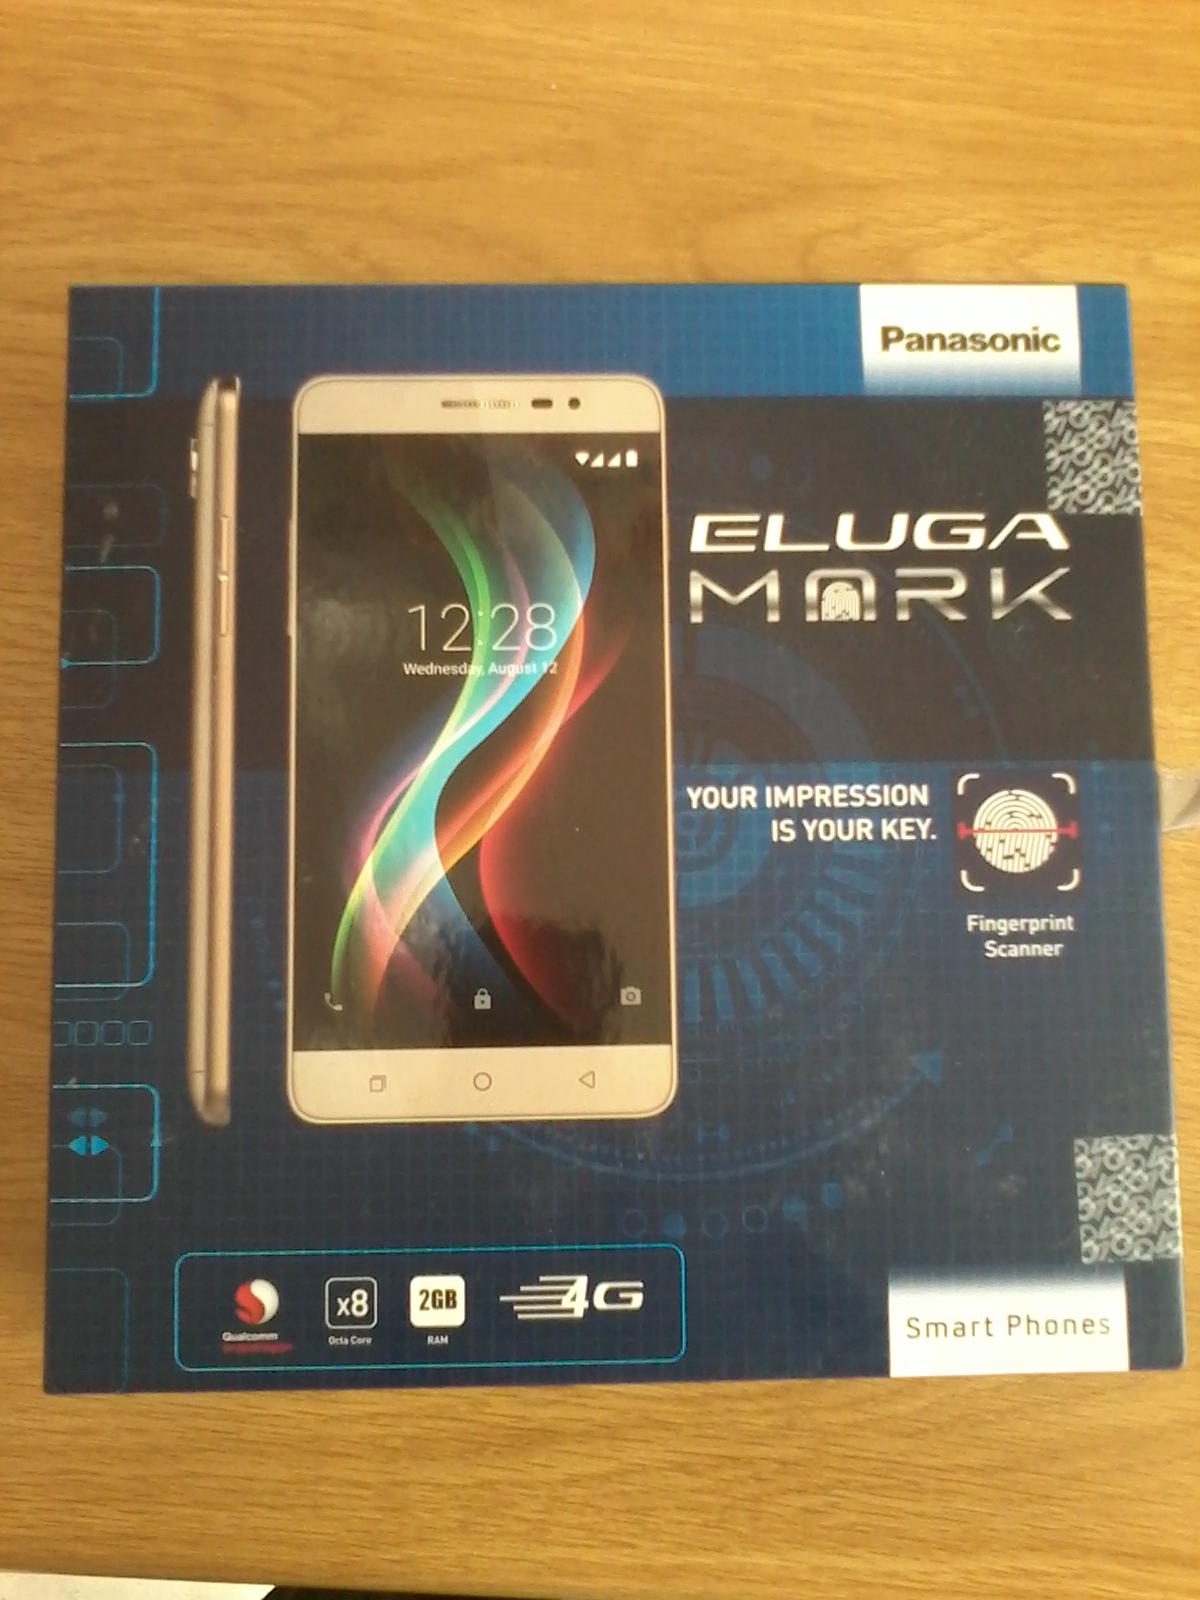 Panasonic Eluga Smart Cell Phone